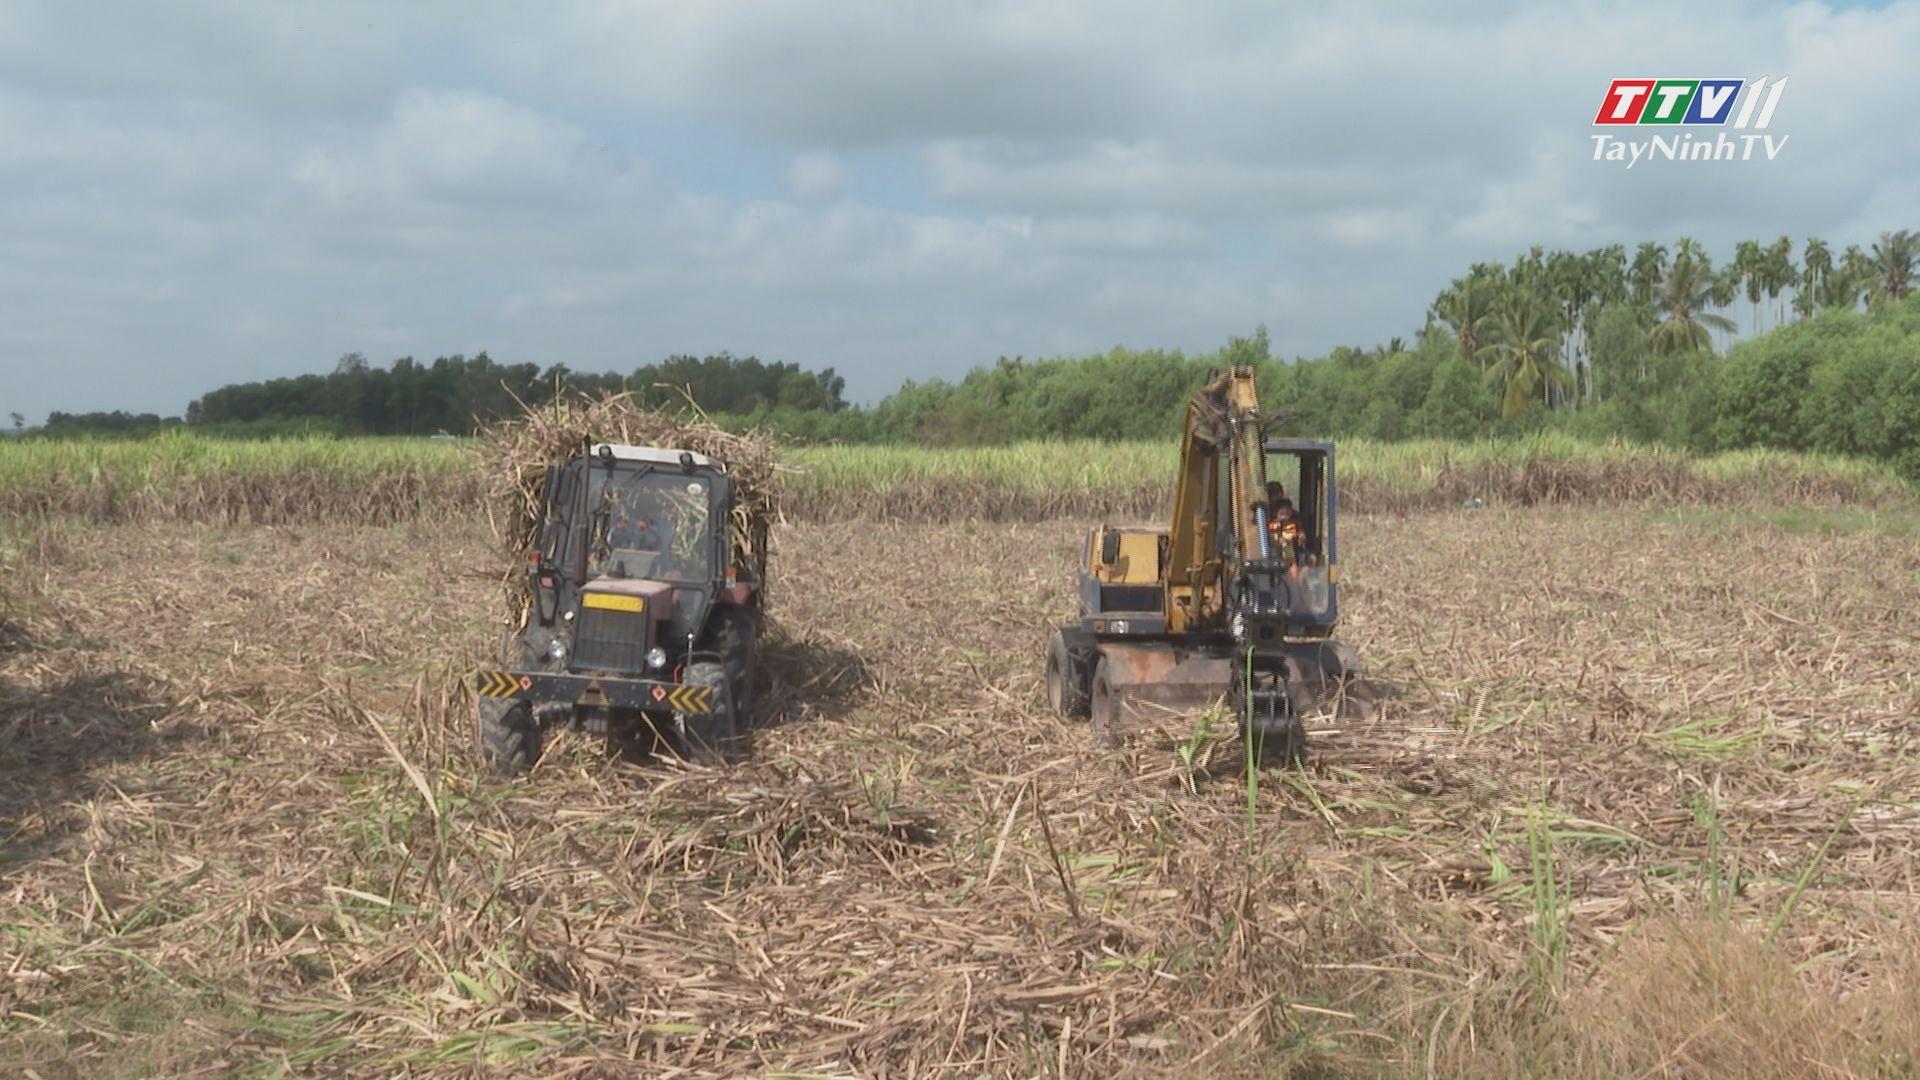 Thu hoạch mía chậm, người trồng thiệt đơn, thiệt kép | TIẾNG NÓI CỬ TRI | TayNinhTV